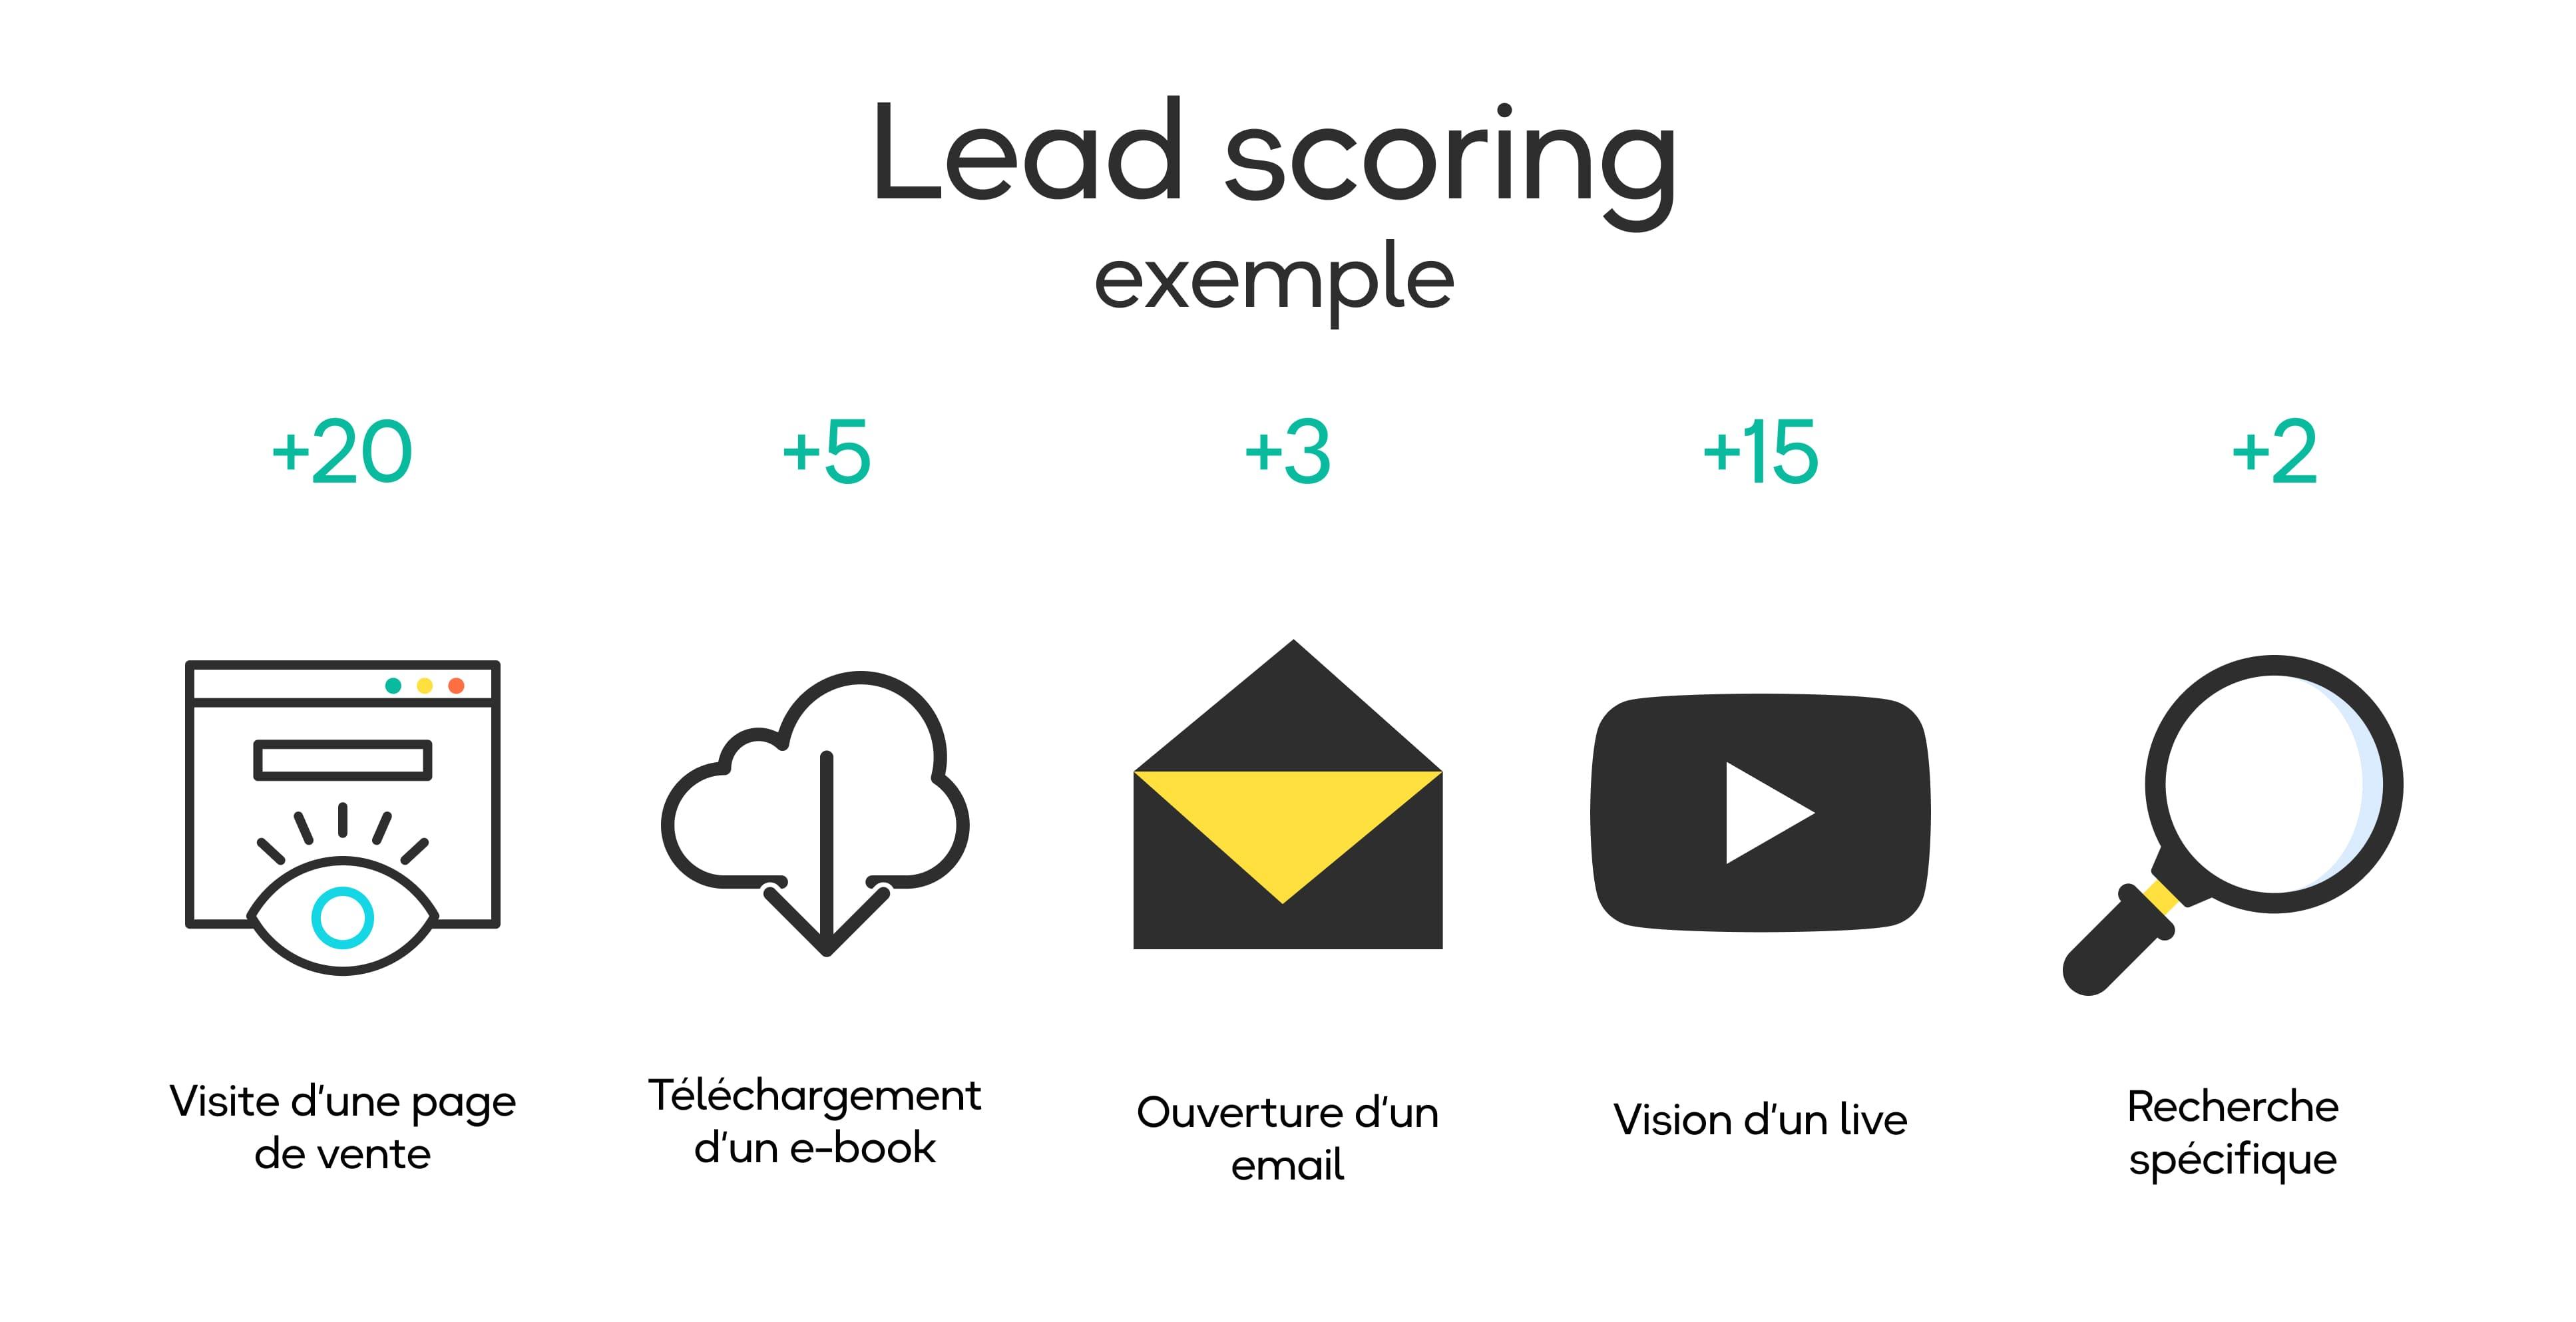 exemple - lead scoring